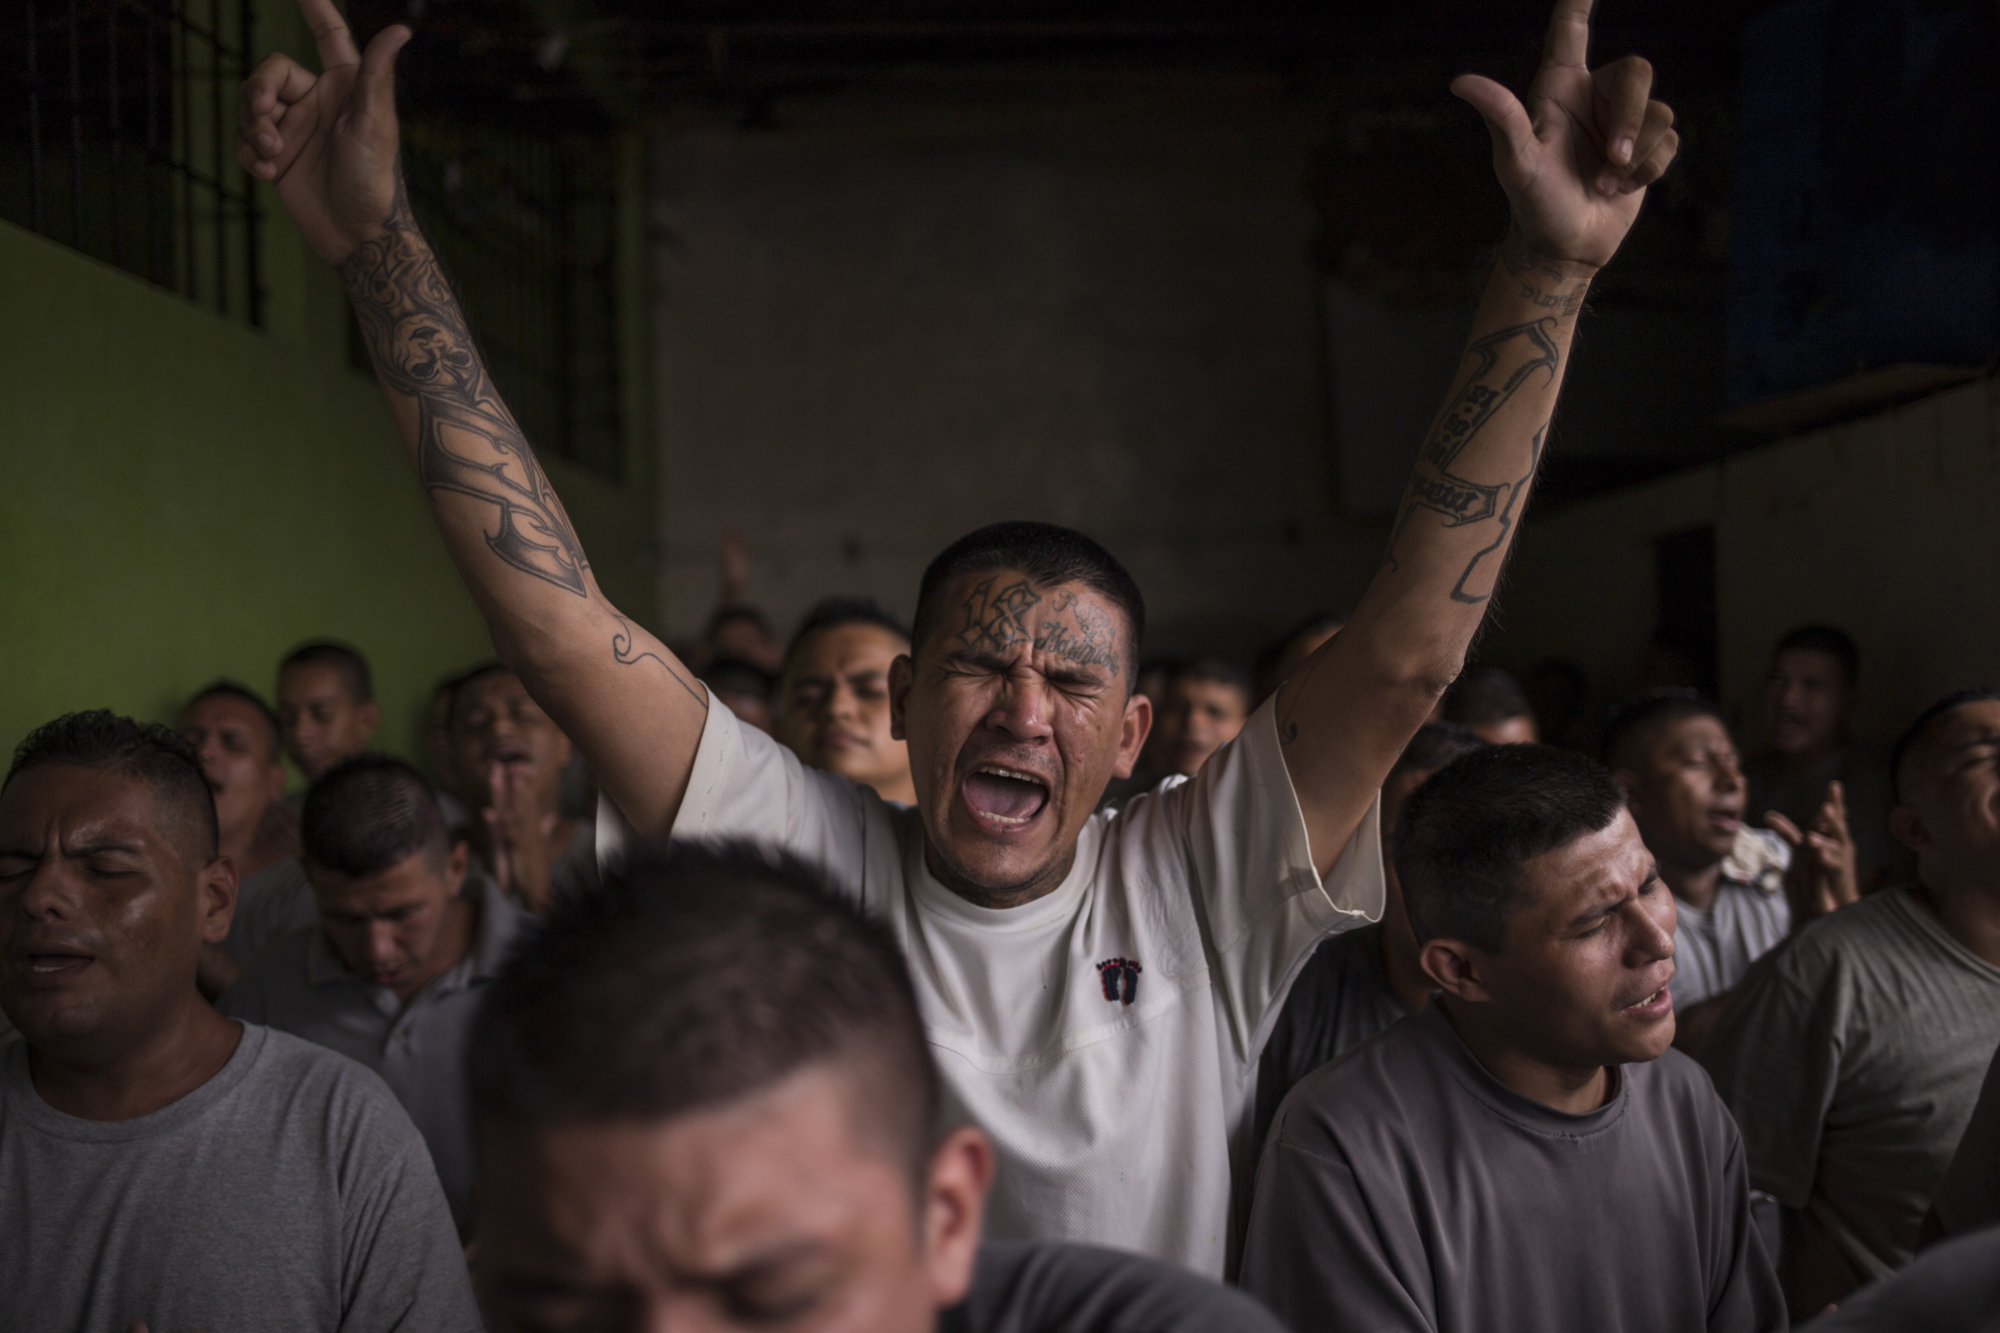 La cárcel de los milagros de El Salvador